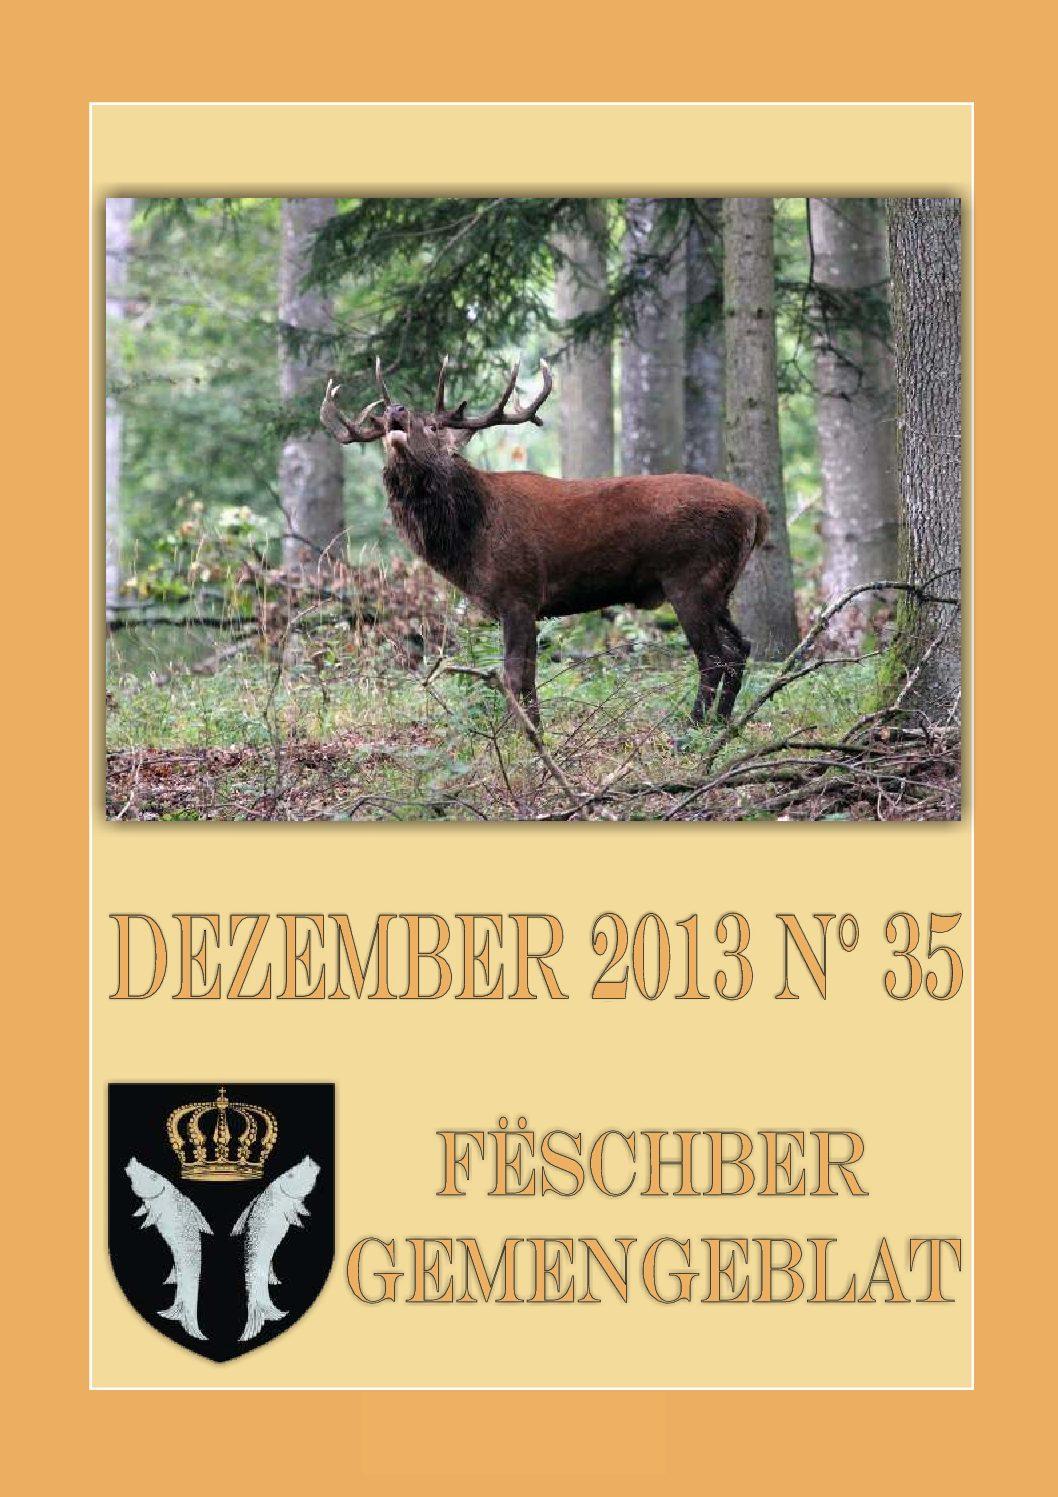 Dezember 2013 Gemengeblat No. 35